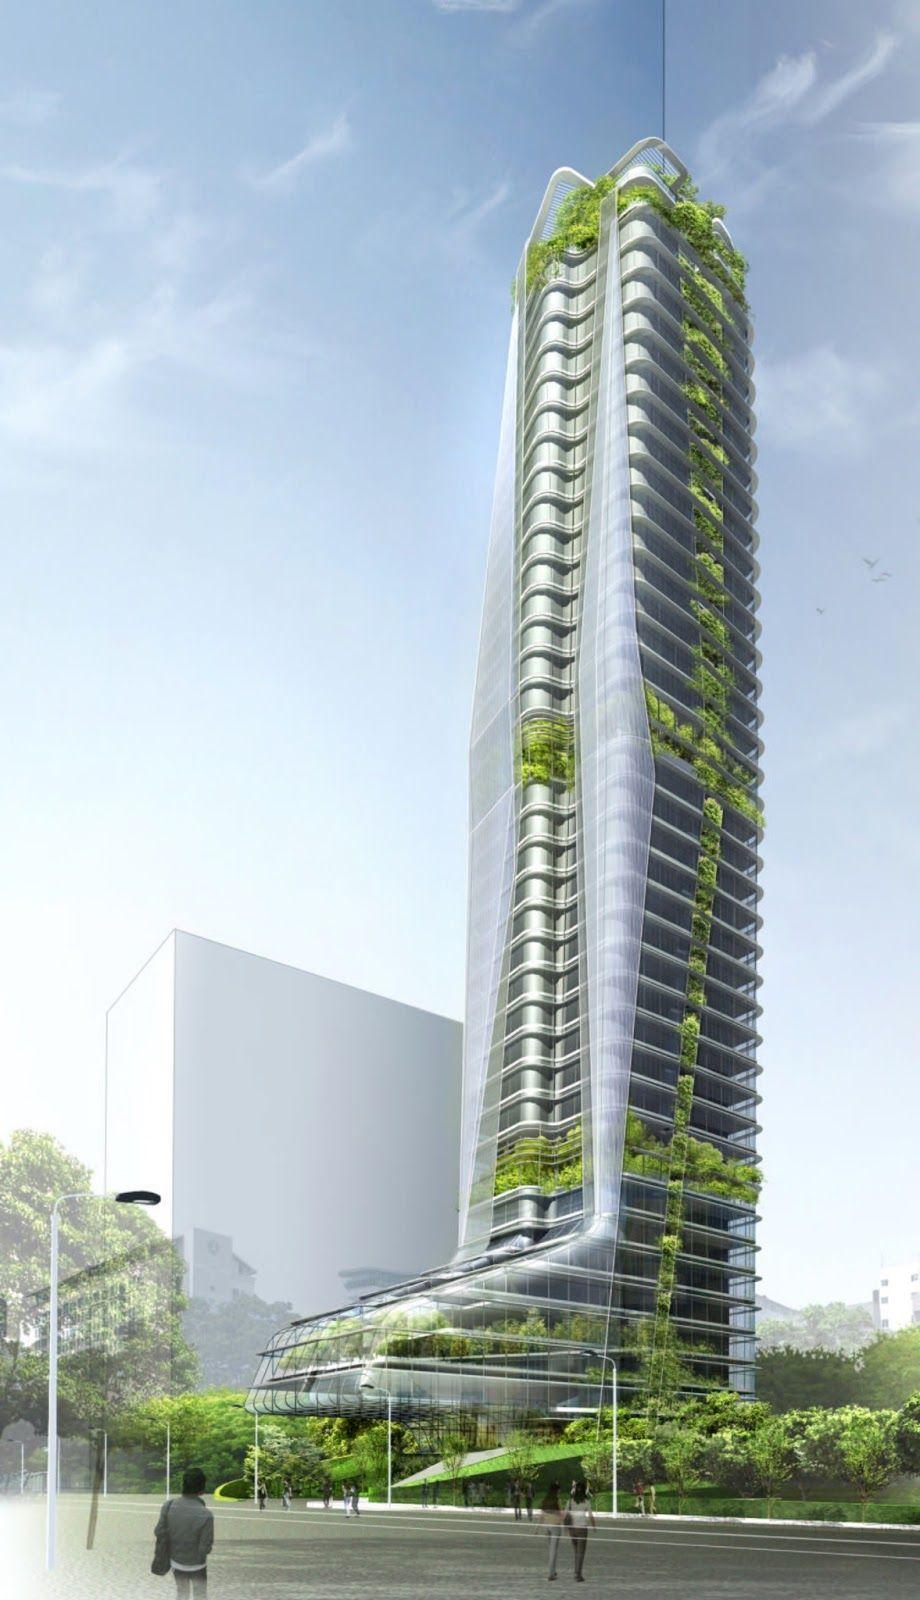 Conoce ideas y ecotecnologías revolucionarias que te ayudarán a vivir mejor. Ecoturismo   Arquitectura sustentable   Medio ambiente.